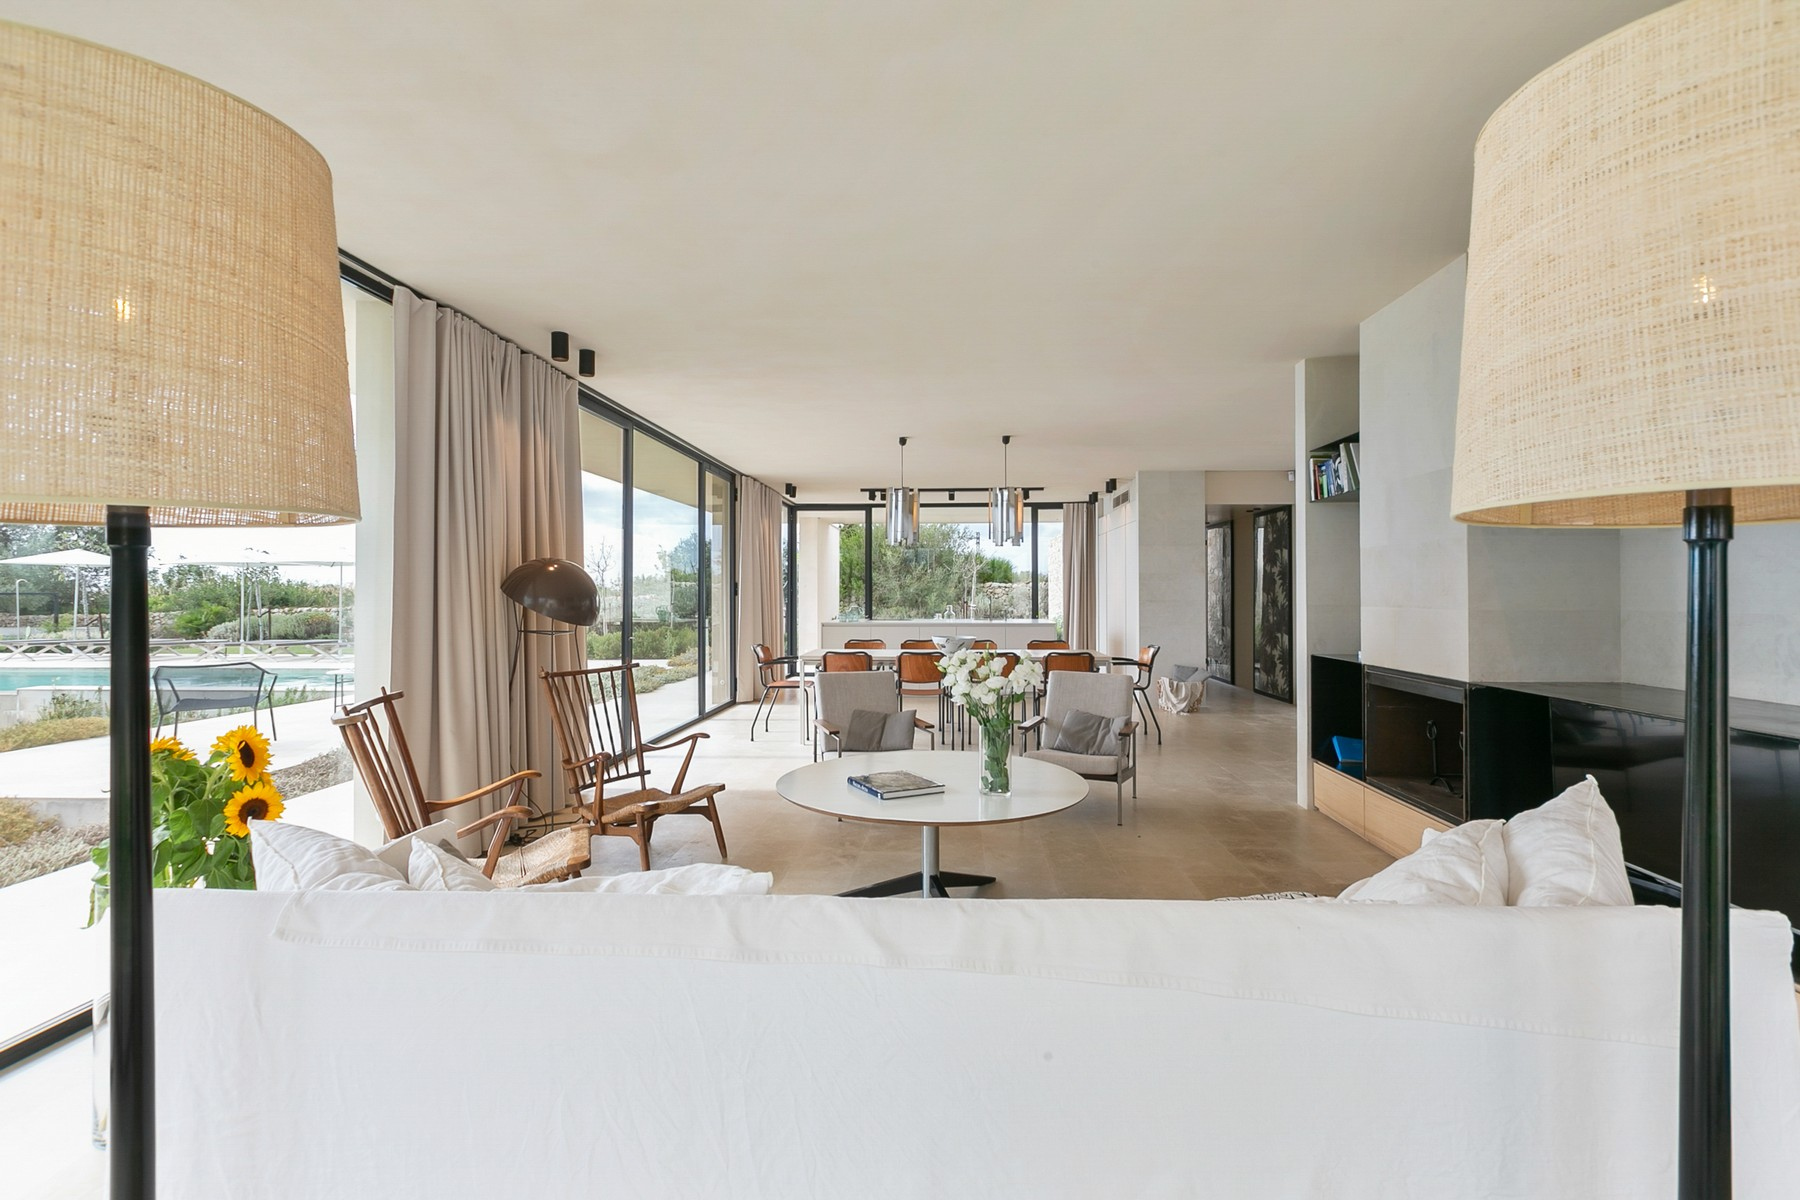 Villa in Vendita a Avola: 5 locali, 330 mq - Foto 6